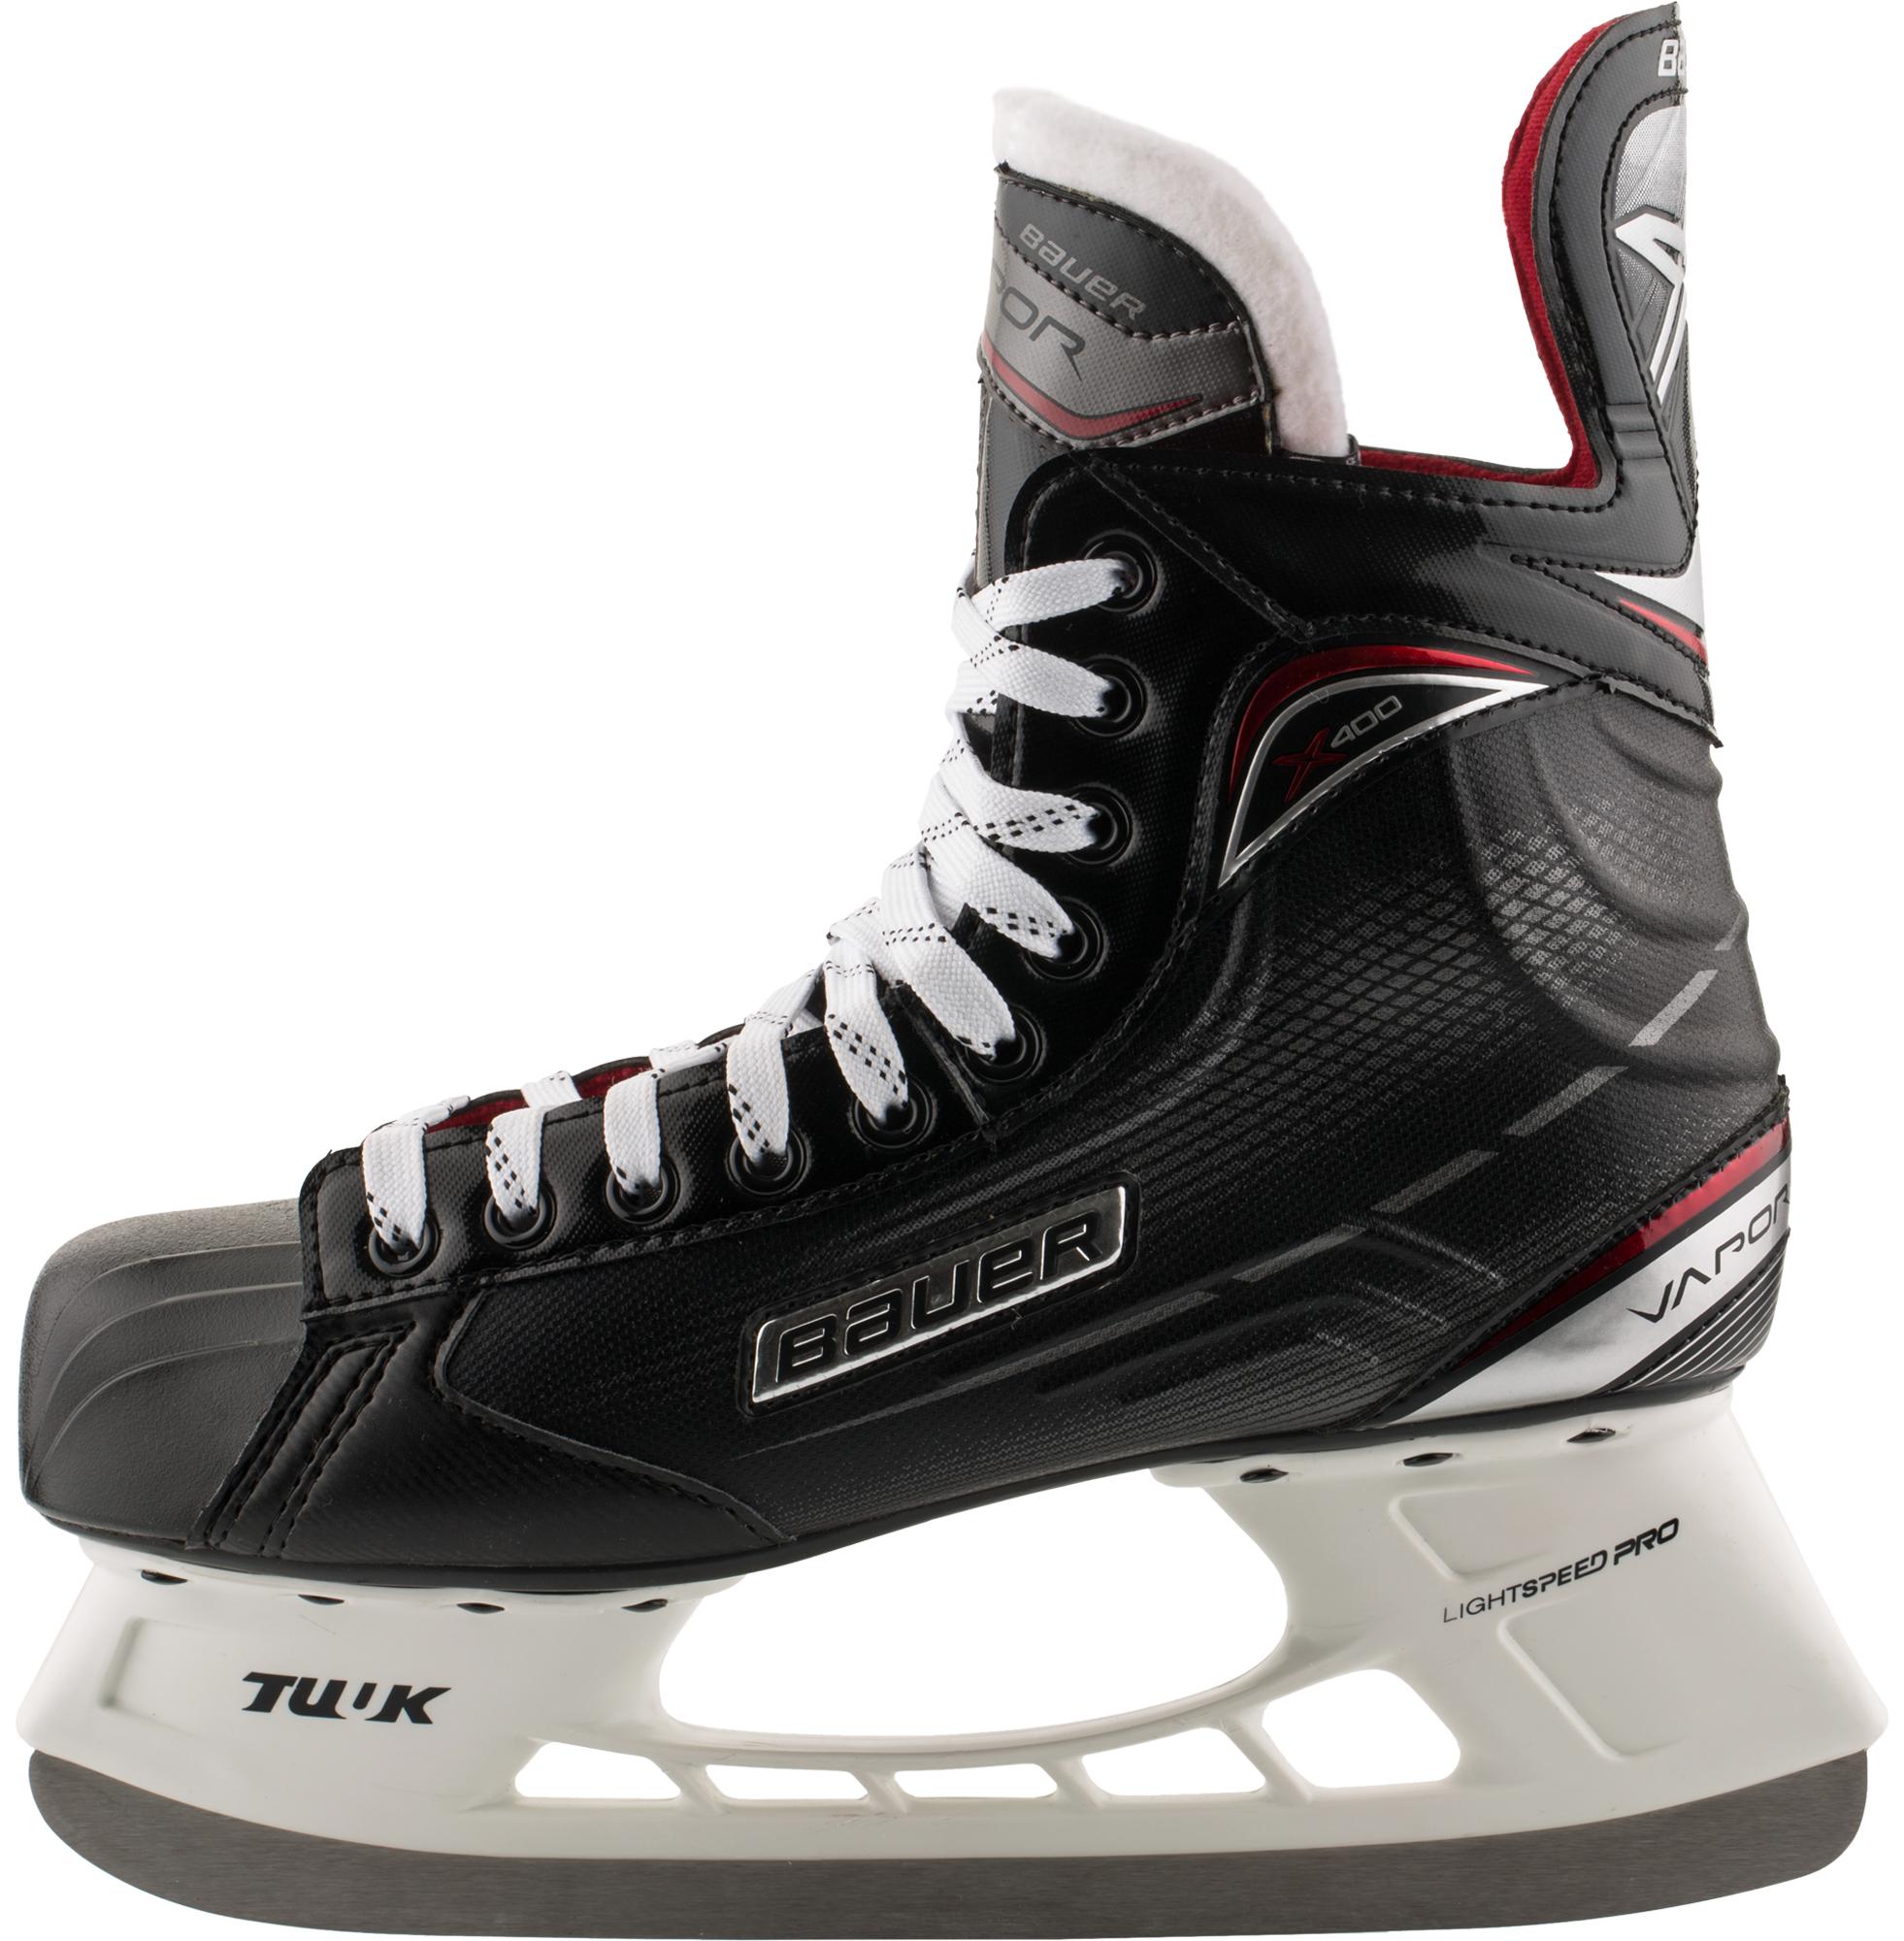 купить  Bauer Коньки хоккейные детские Bauer S17 Vapor X400  недорого